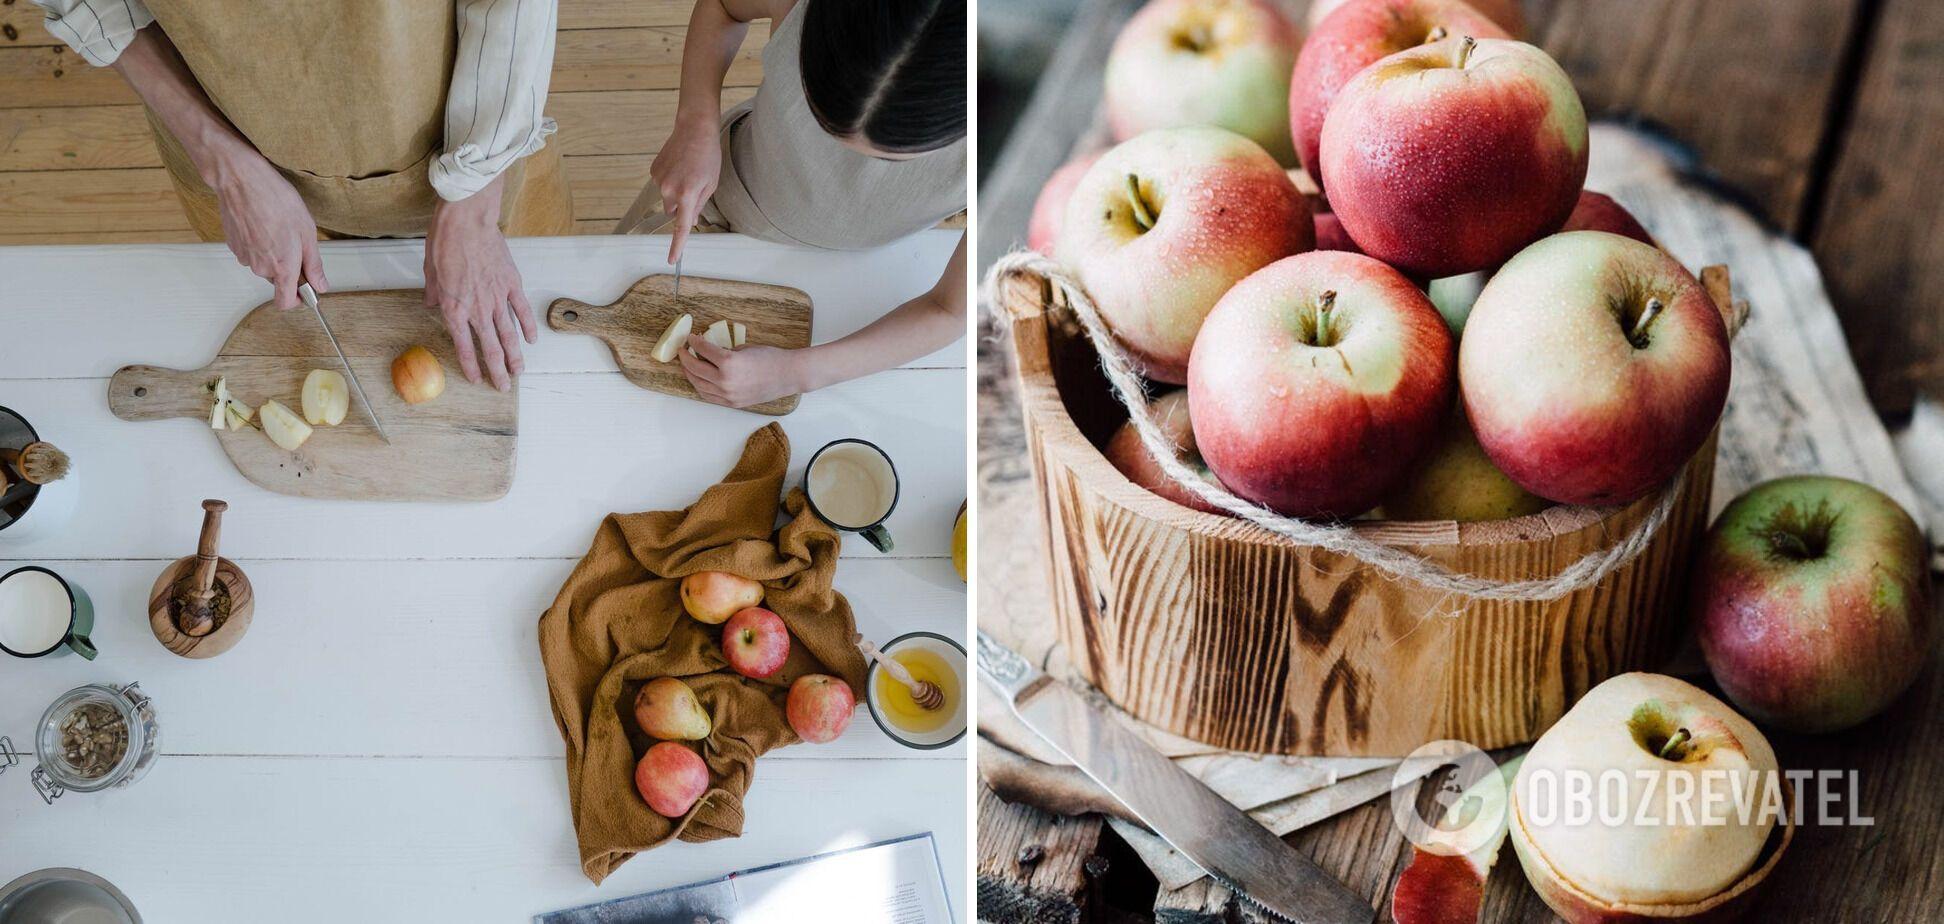 Приготовление яблочного повидла